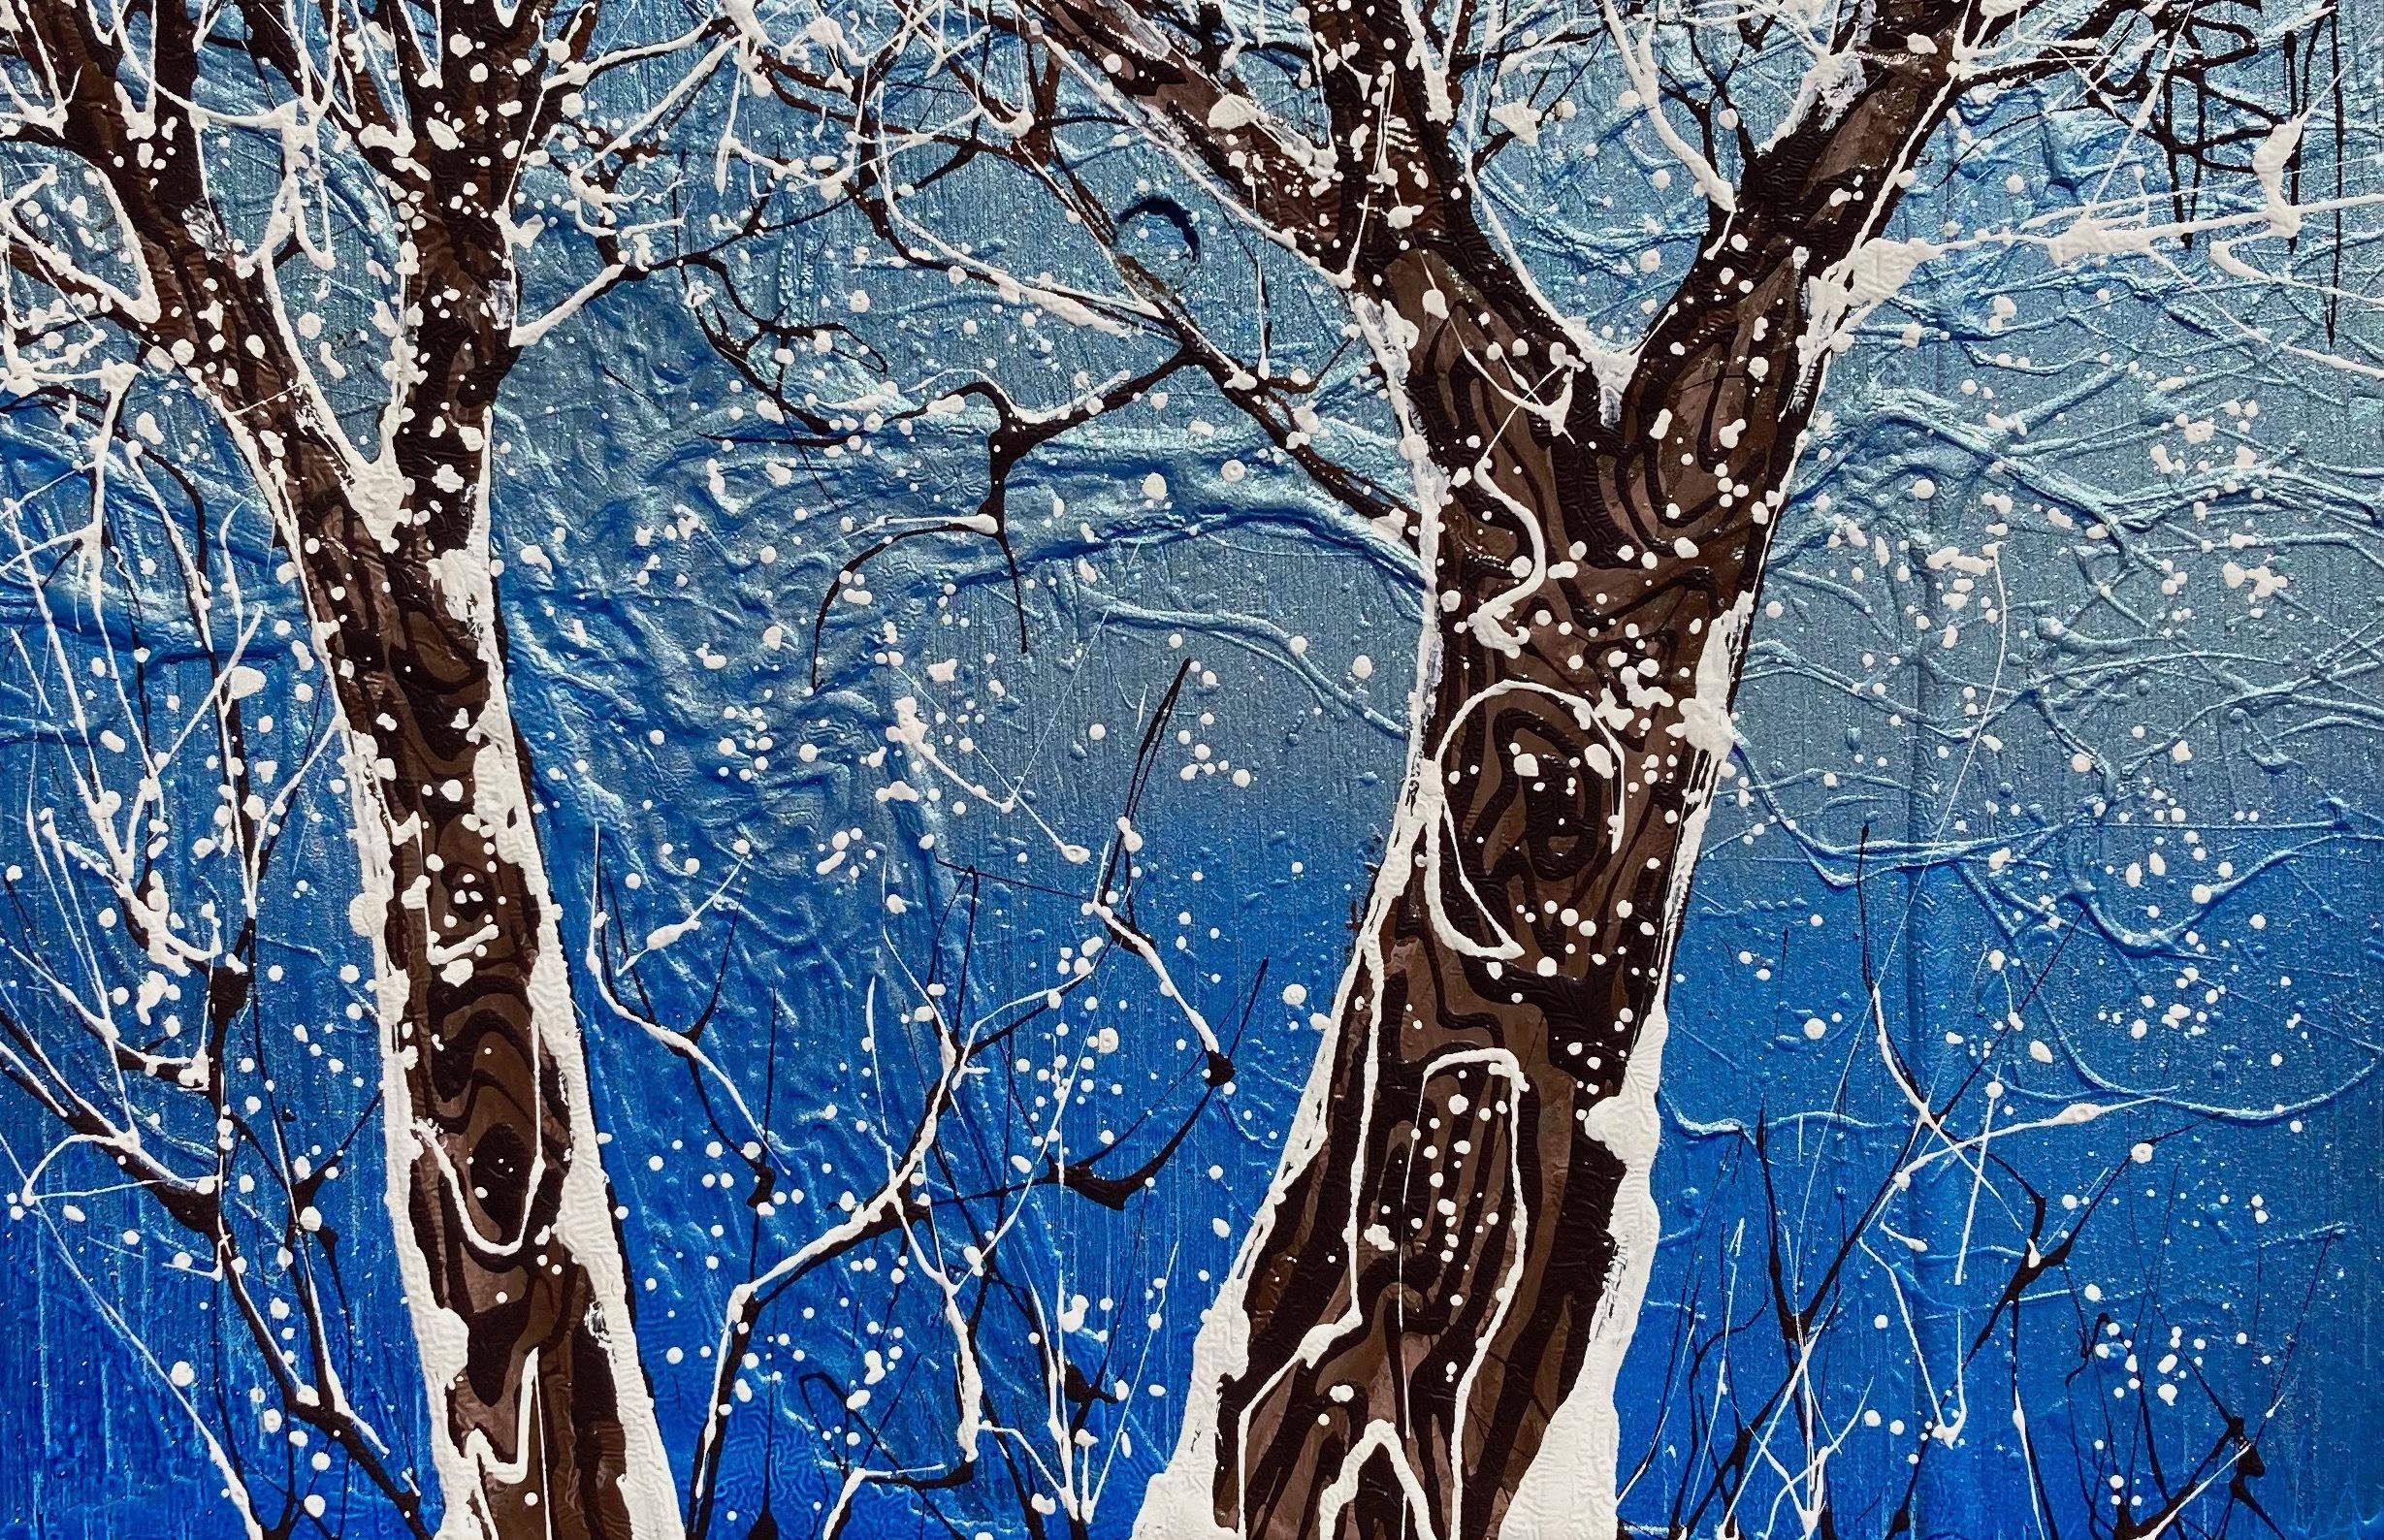 Winter dance 12x18 22 cuncup